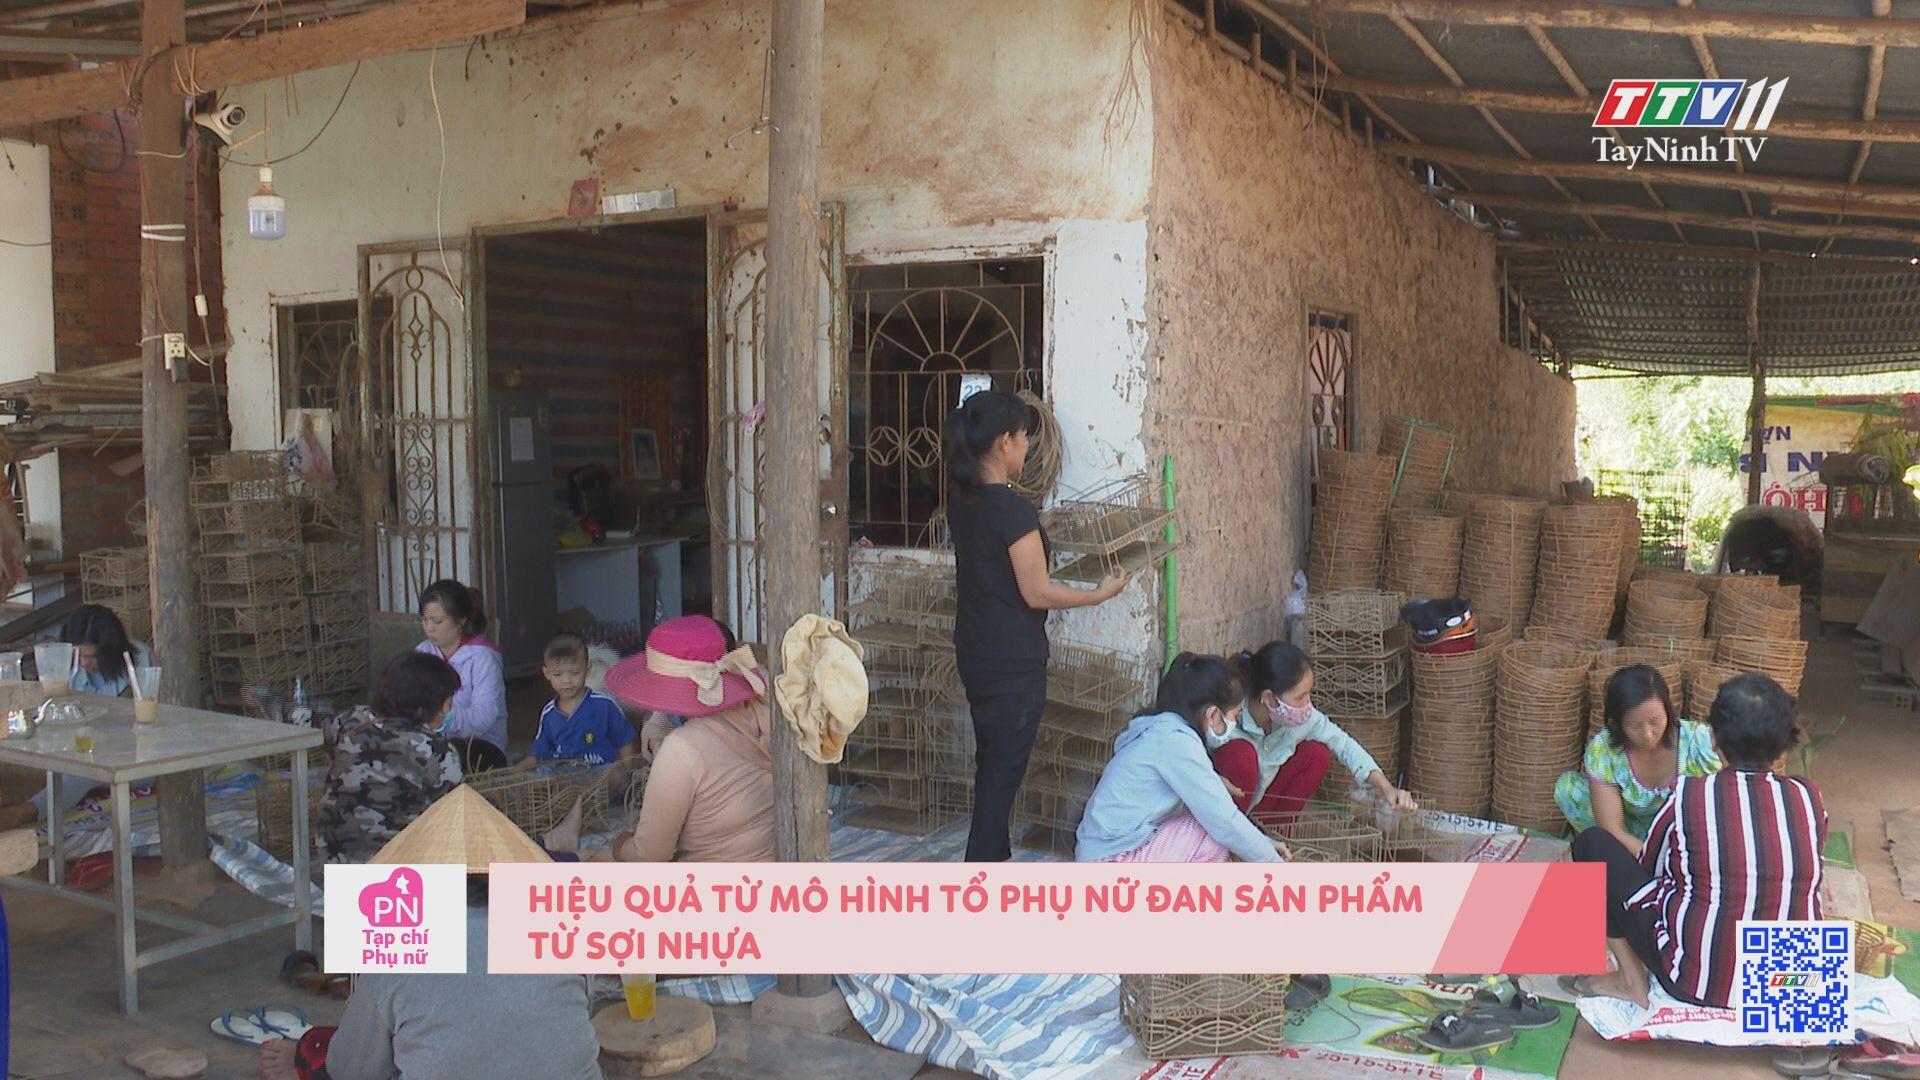 Hiệu quả từ mô hình tổ phụ nữ đan sản phẩm từ sợ nhựa | TẠP CHÍ PHỤ NỮ | TayNinhTV